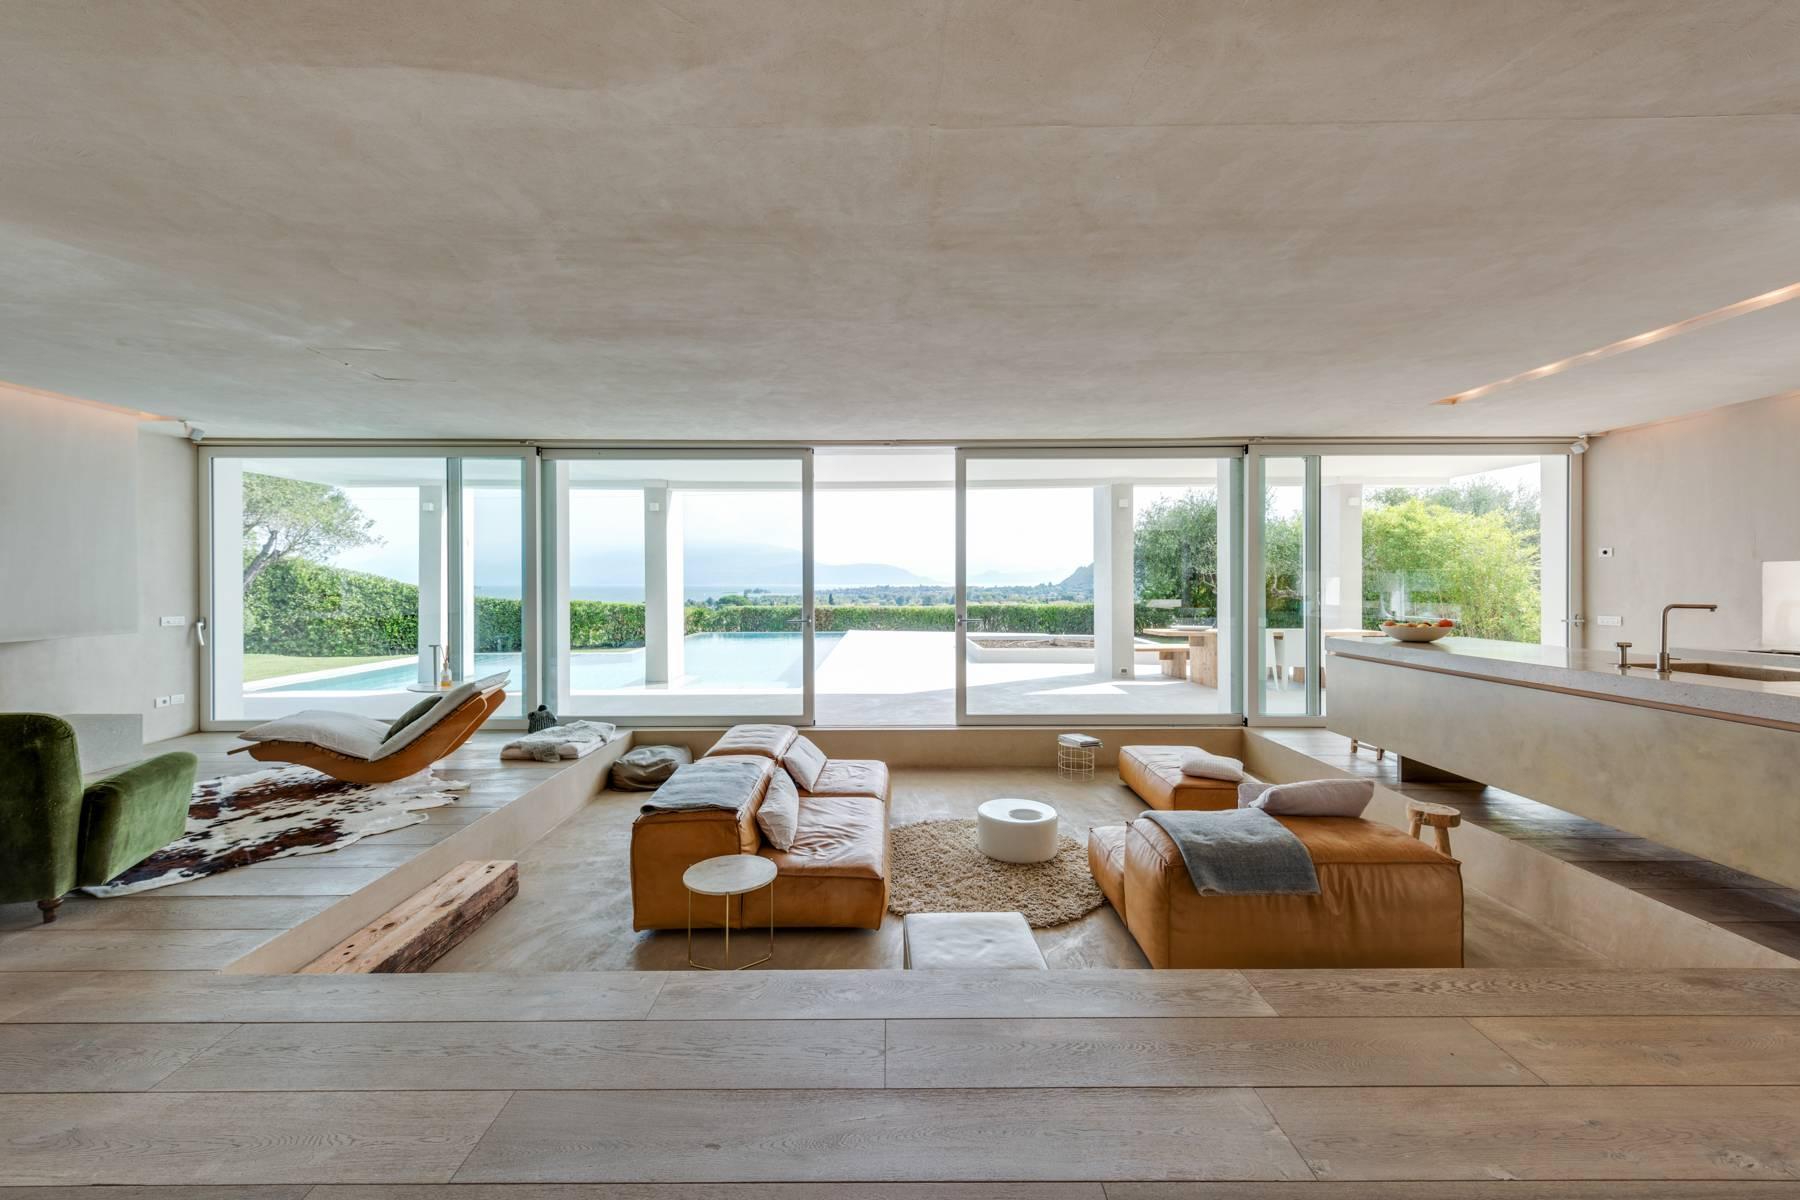 Architektonisches Meisterwerk mit herrlichem Seeblick - 3